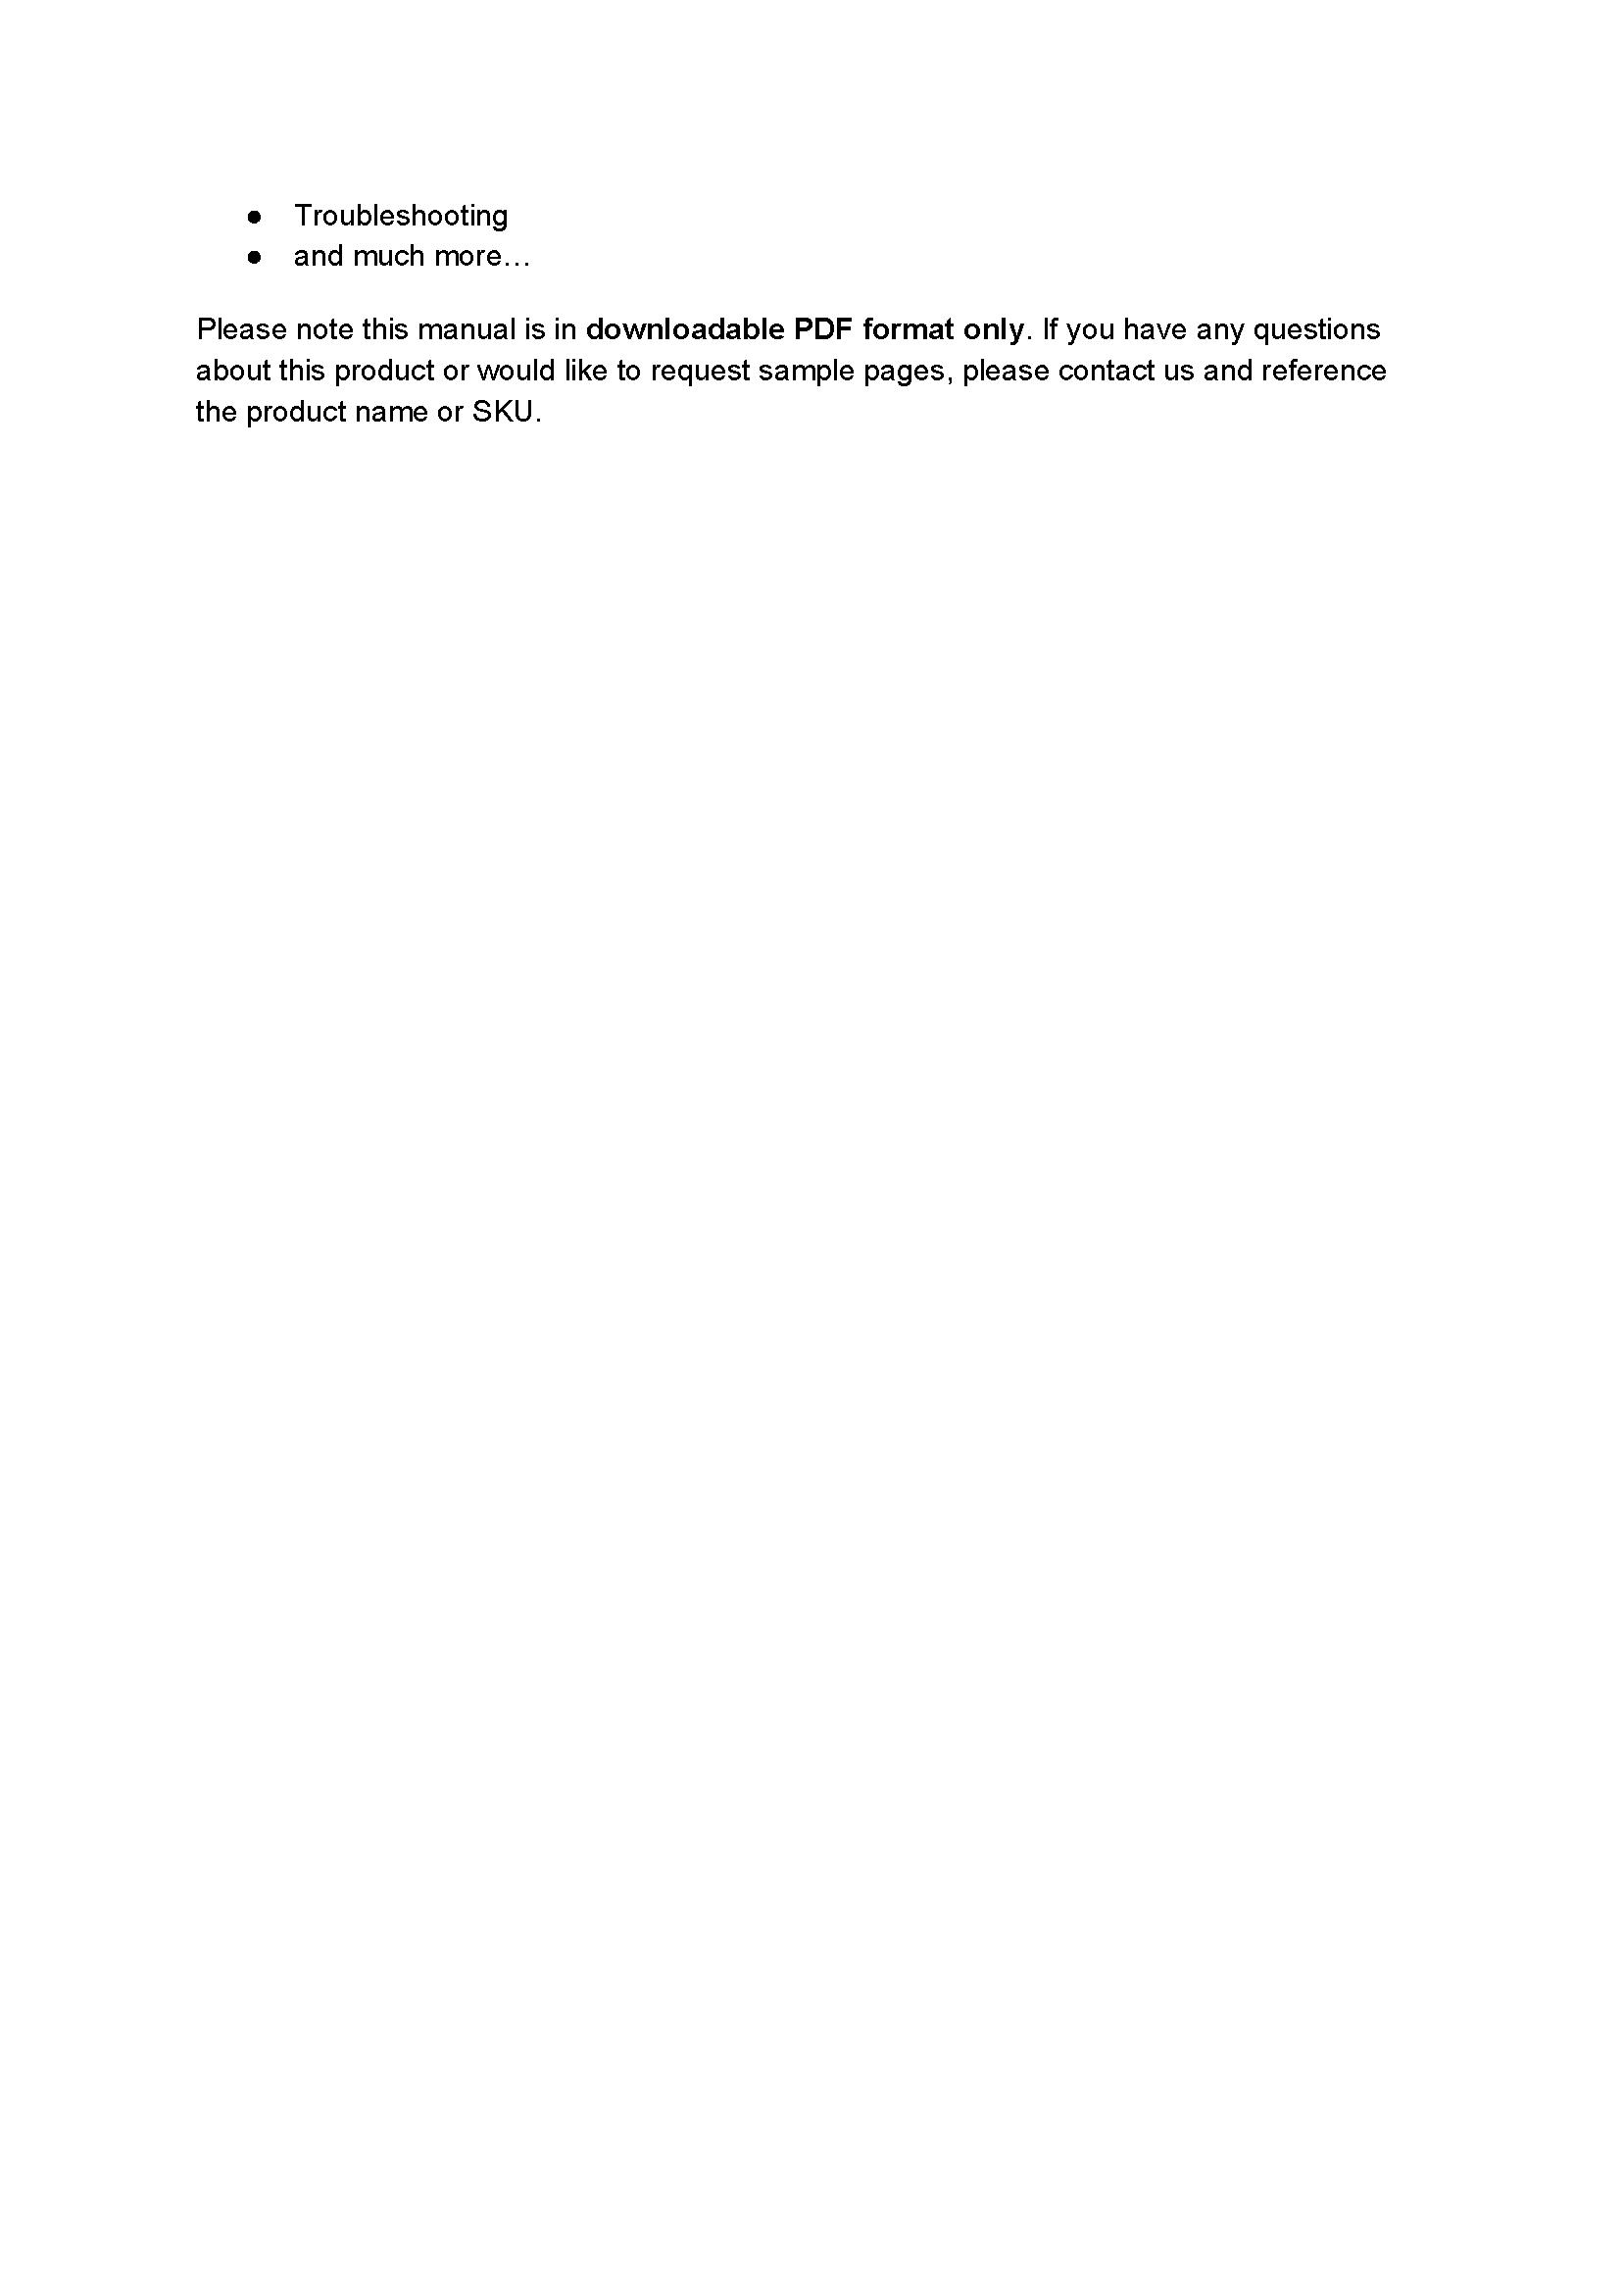 John Deere 5070M manual